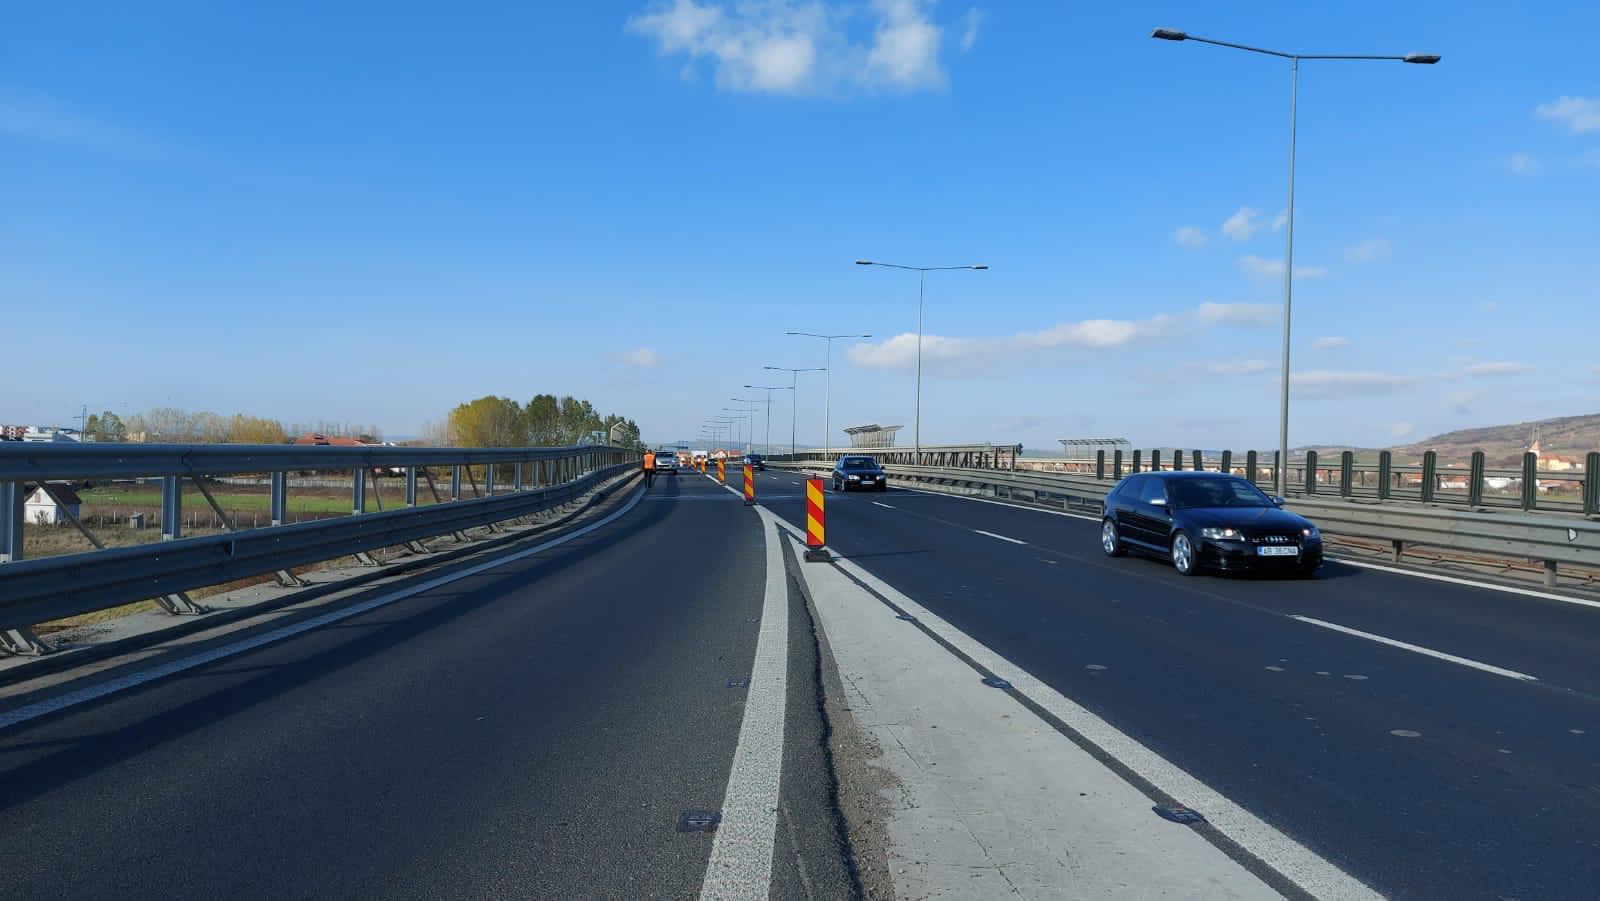 Circulaţie restricţionată timp de patru zile pe A1, în zona Săliște, pentru efectuarea de lucrări